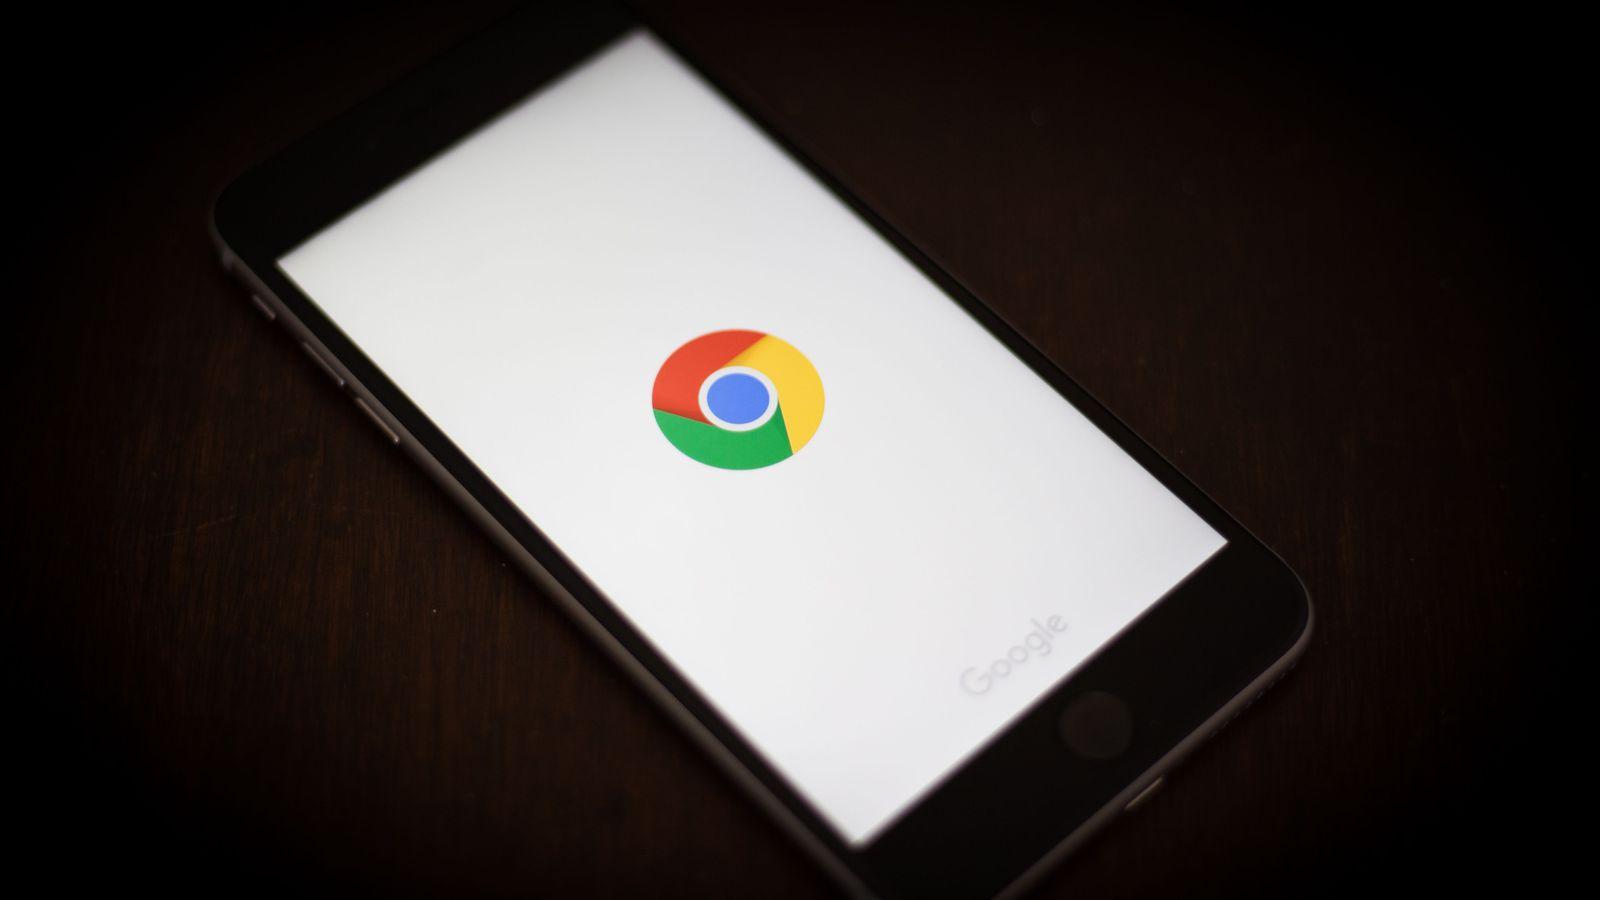 chrome-app-ios-logo.jpg